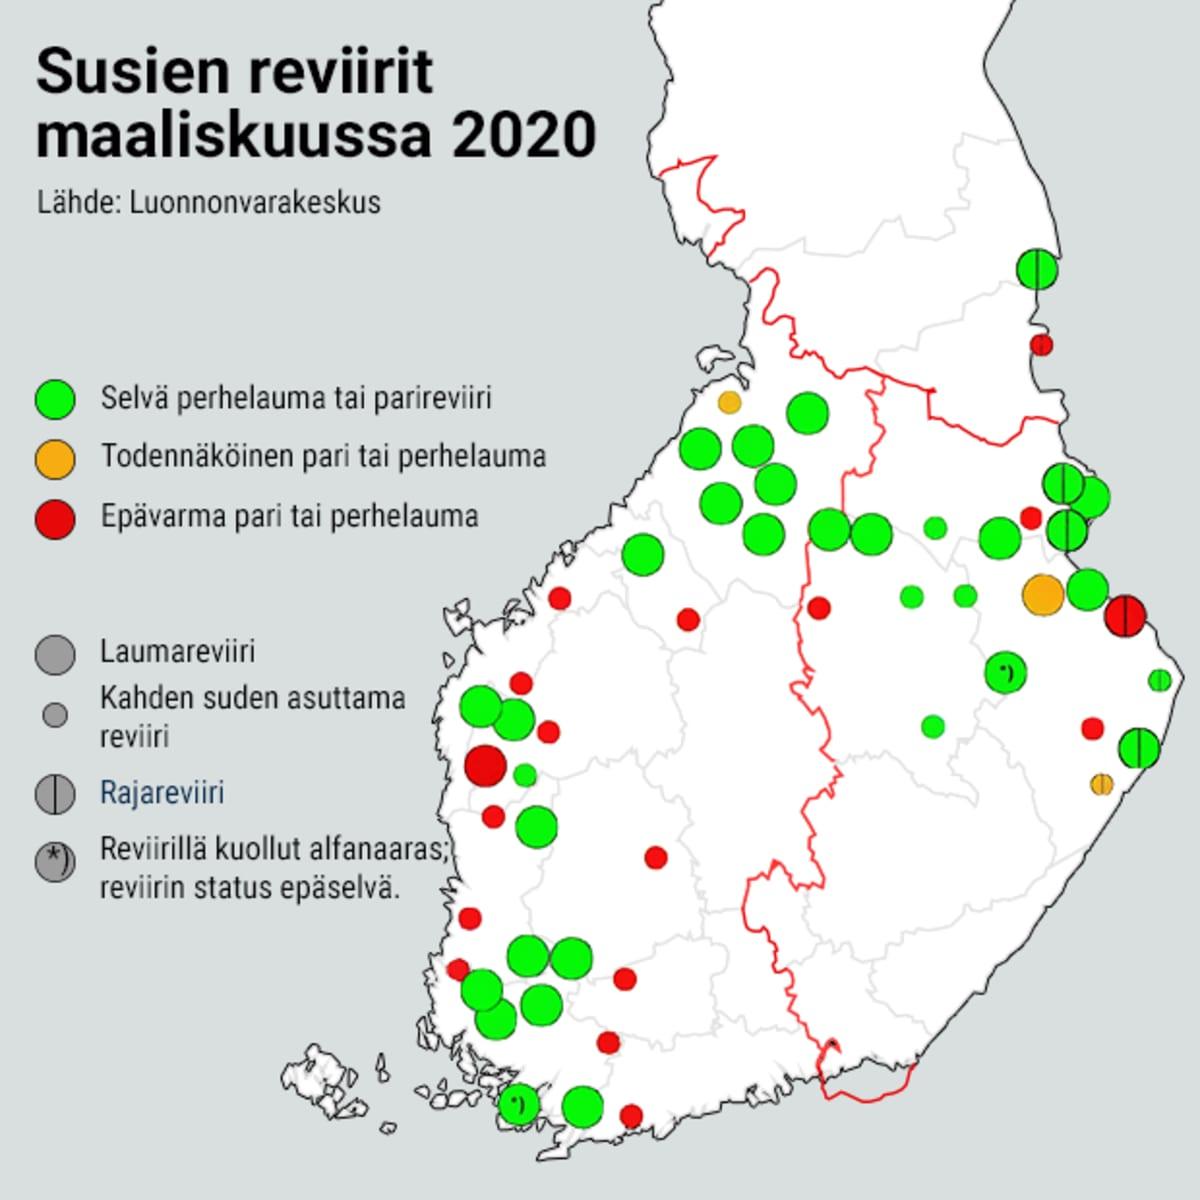 Susien reviirit kartalla maaliskuussa 2020.